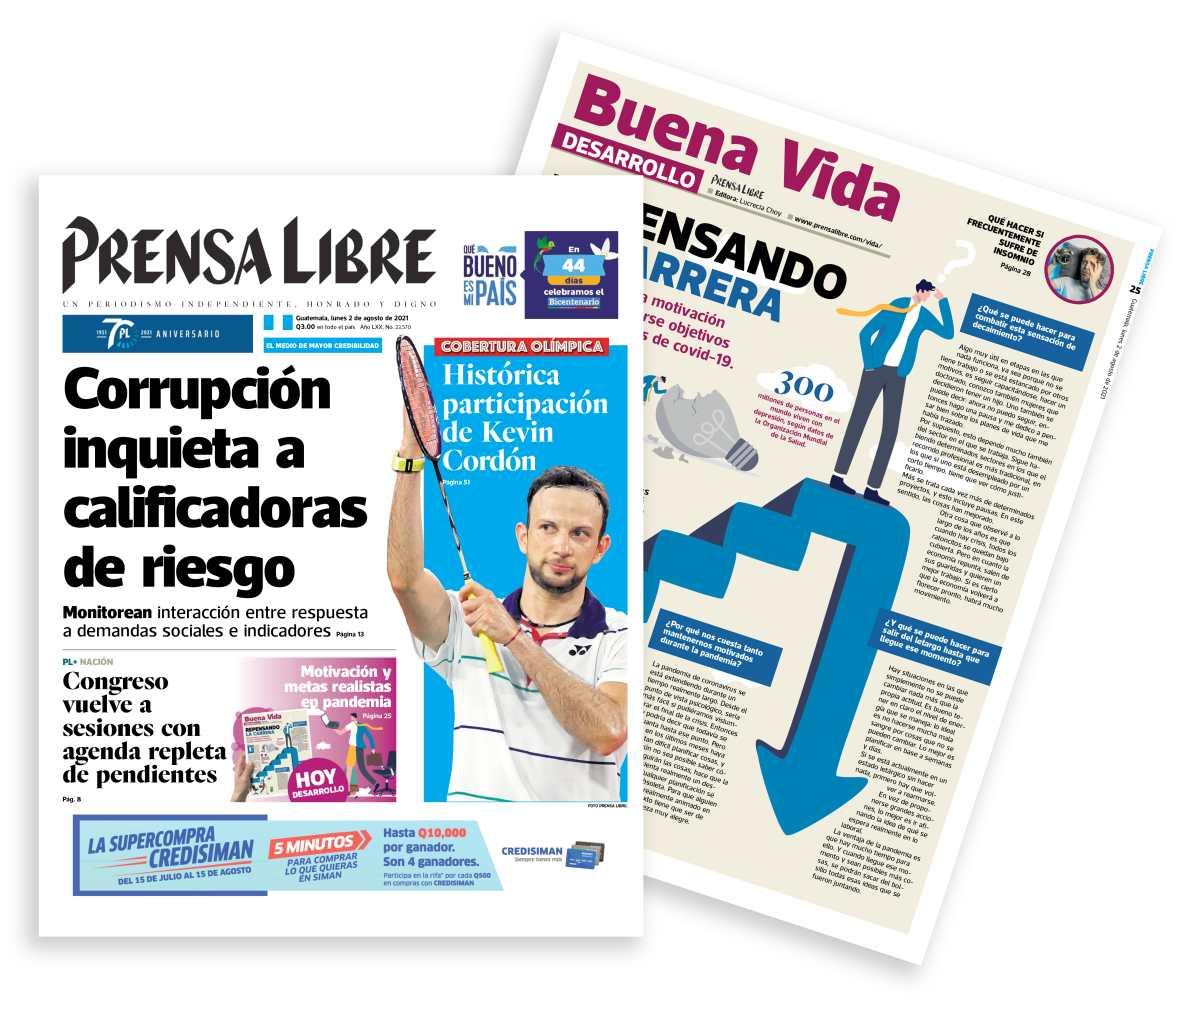 Prensa Libre renueva su ejemplar e incluye nueva sección y más páginas